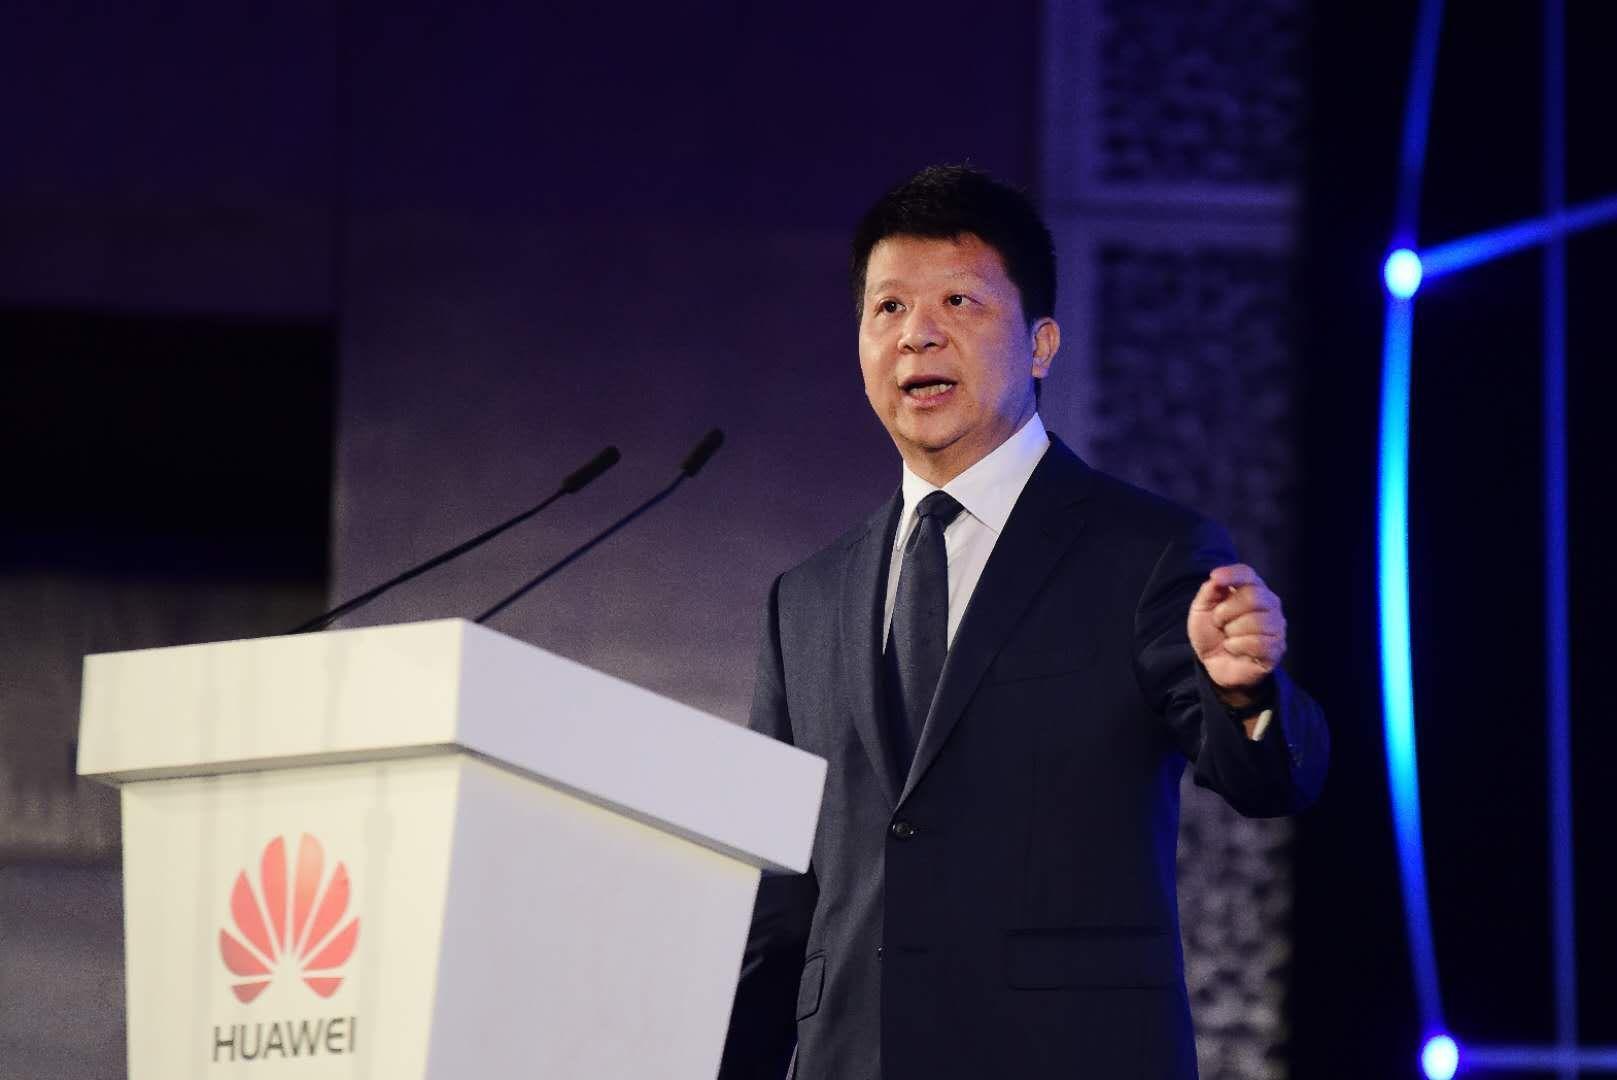 华为轮值CEO郭平:ICT技术是推动亚太经济关键使能器